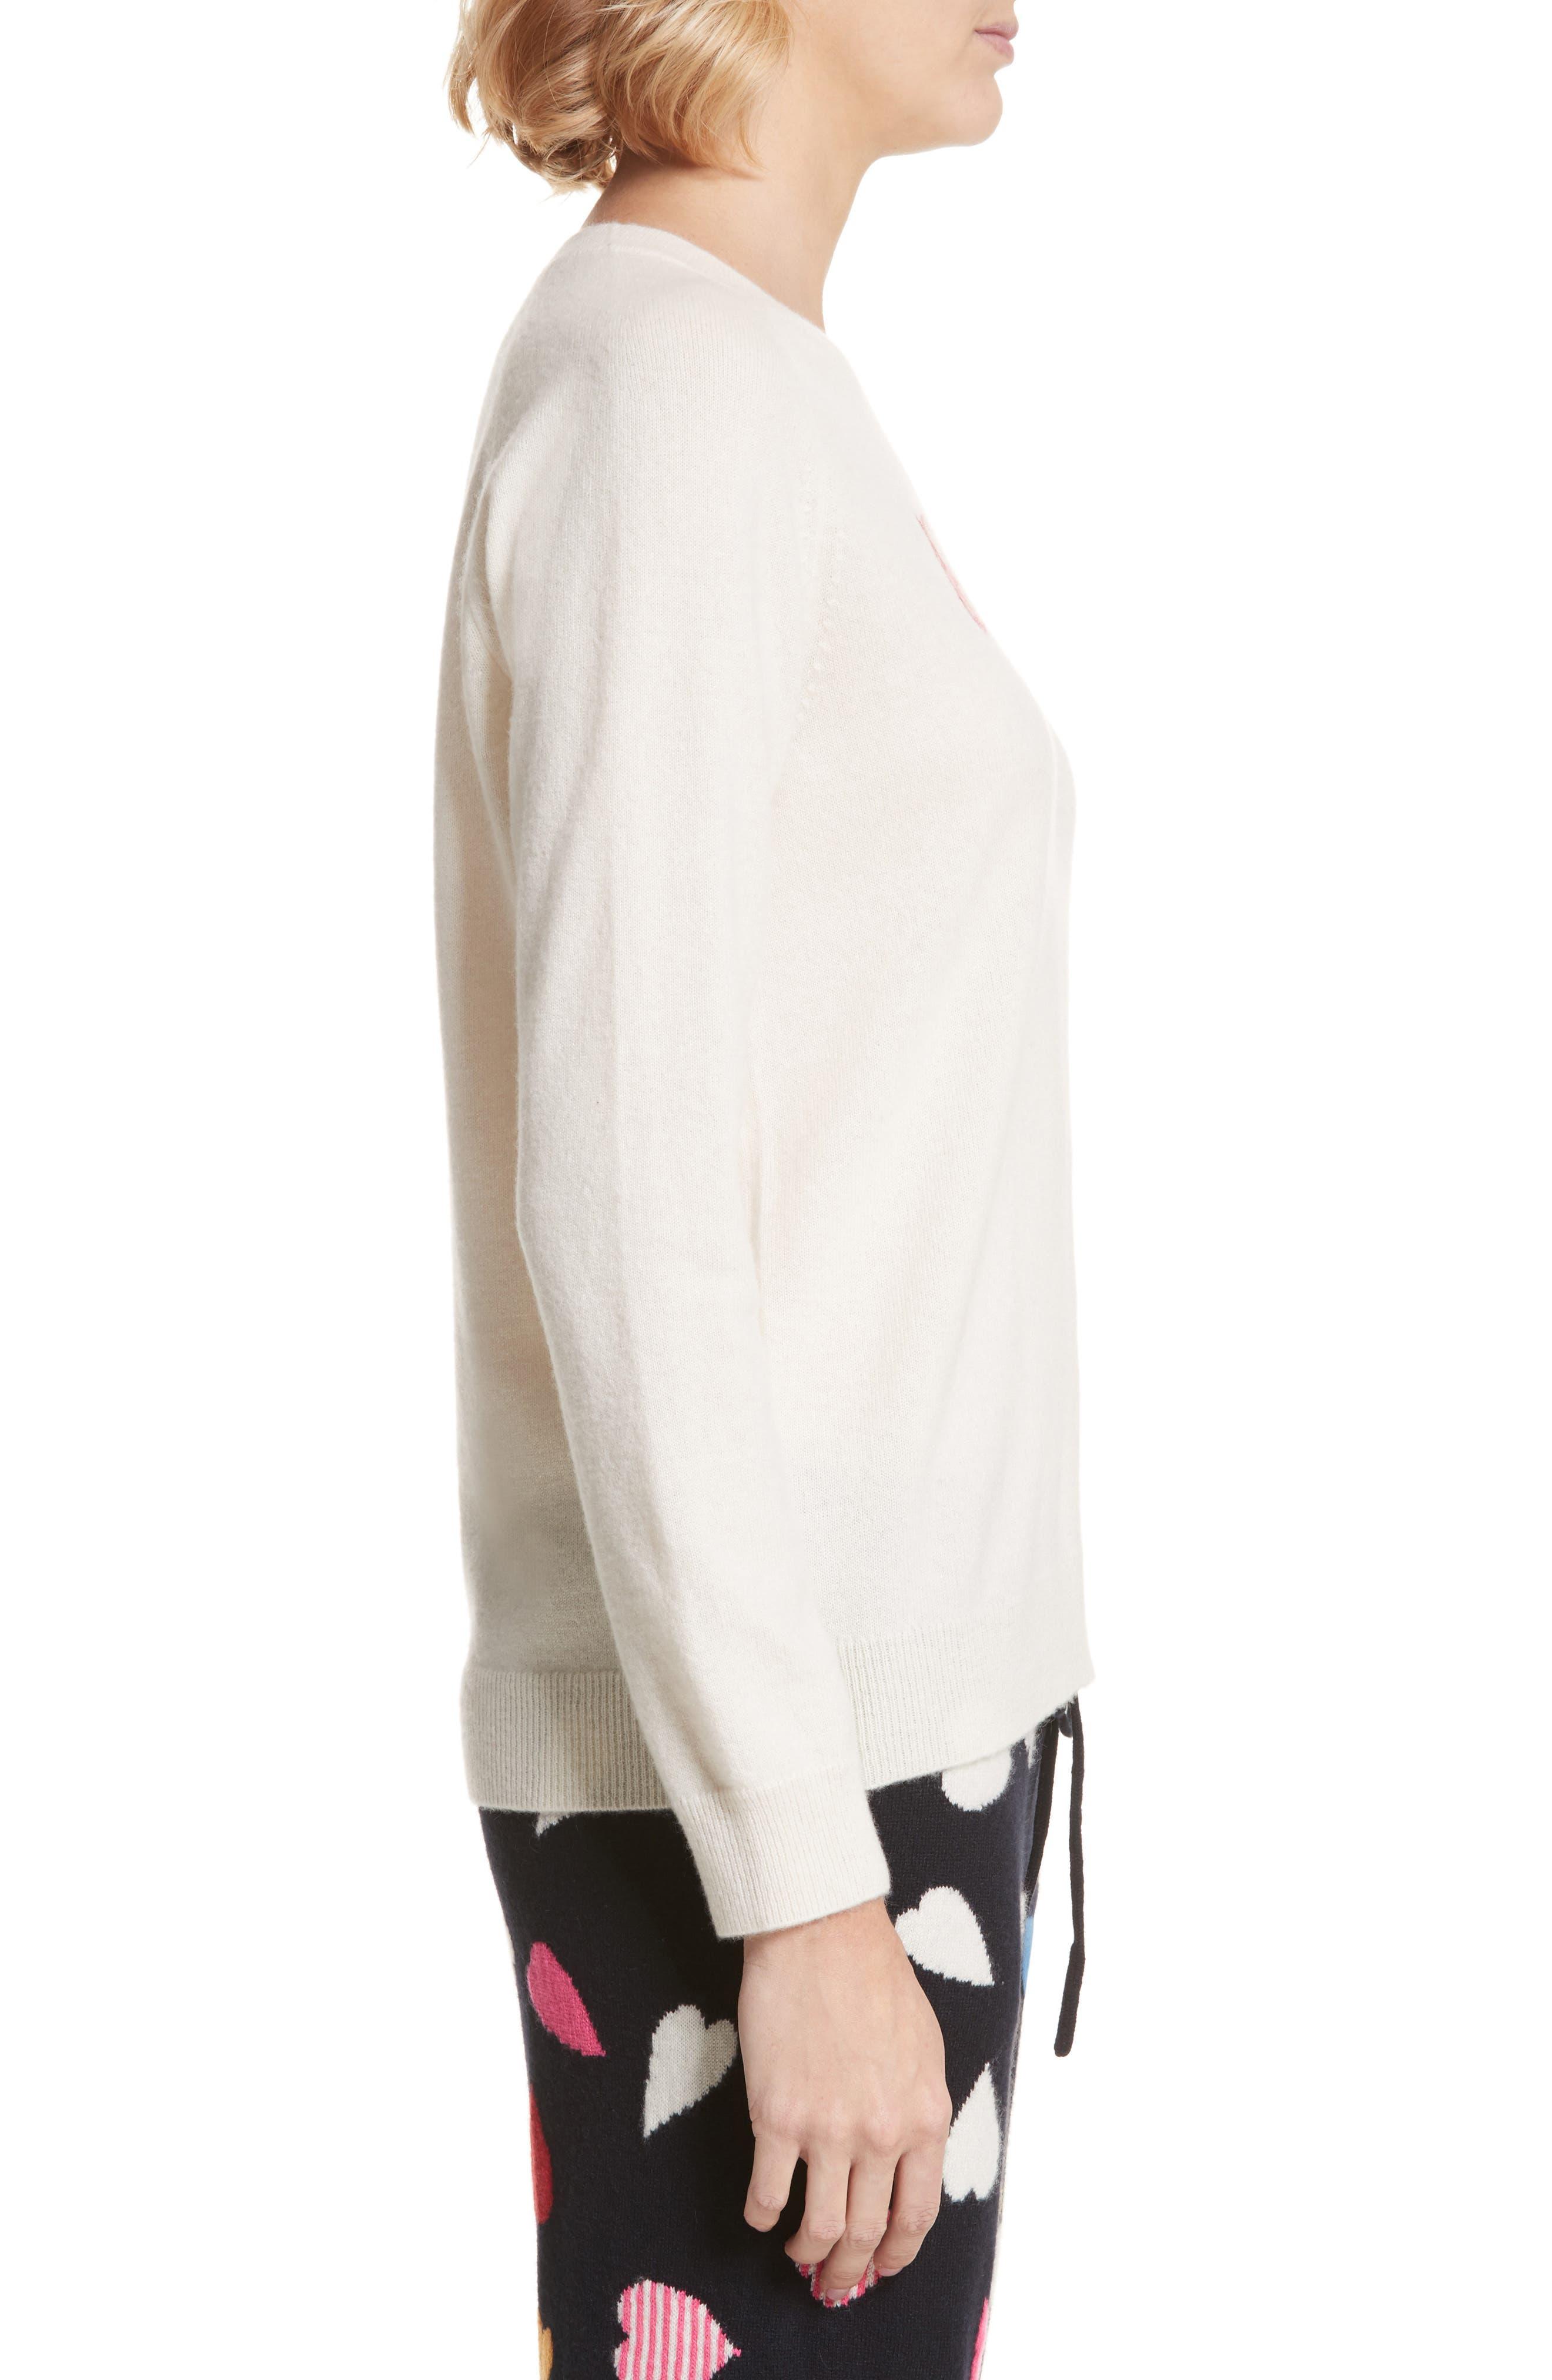 CHINTI & PARKER Bonjour/Bonsoir Cashmere Sweater,                             Alternate thumbnail 3, color,                             900